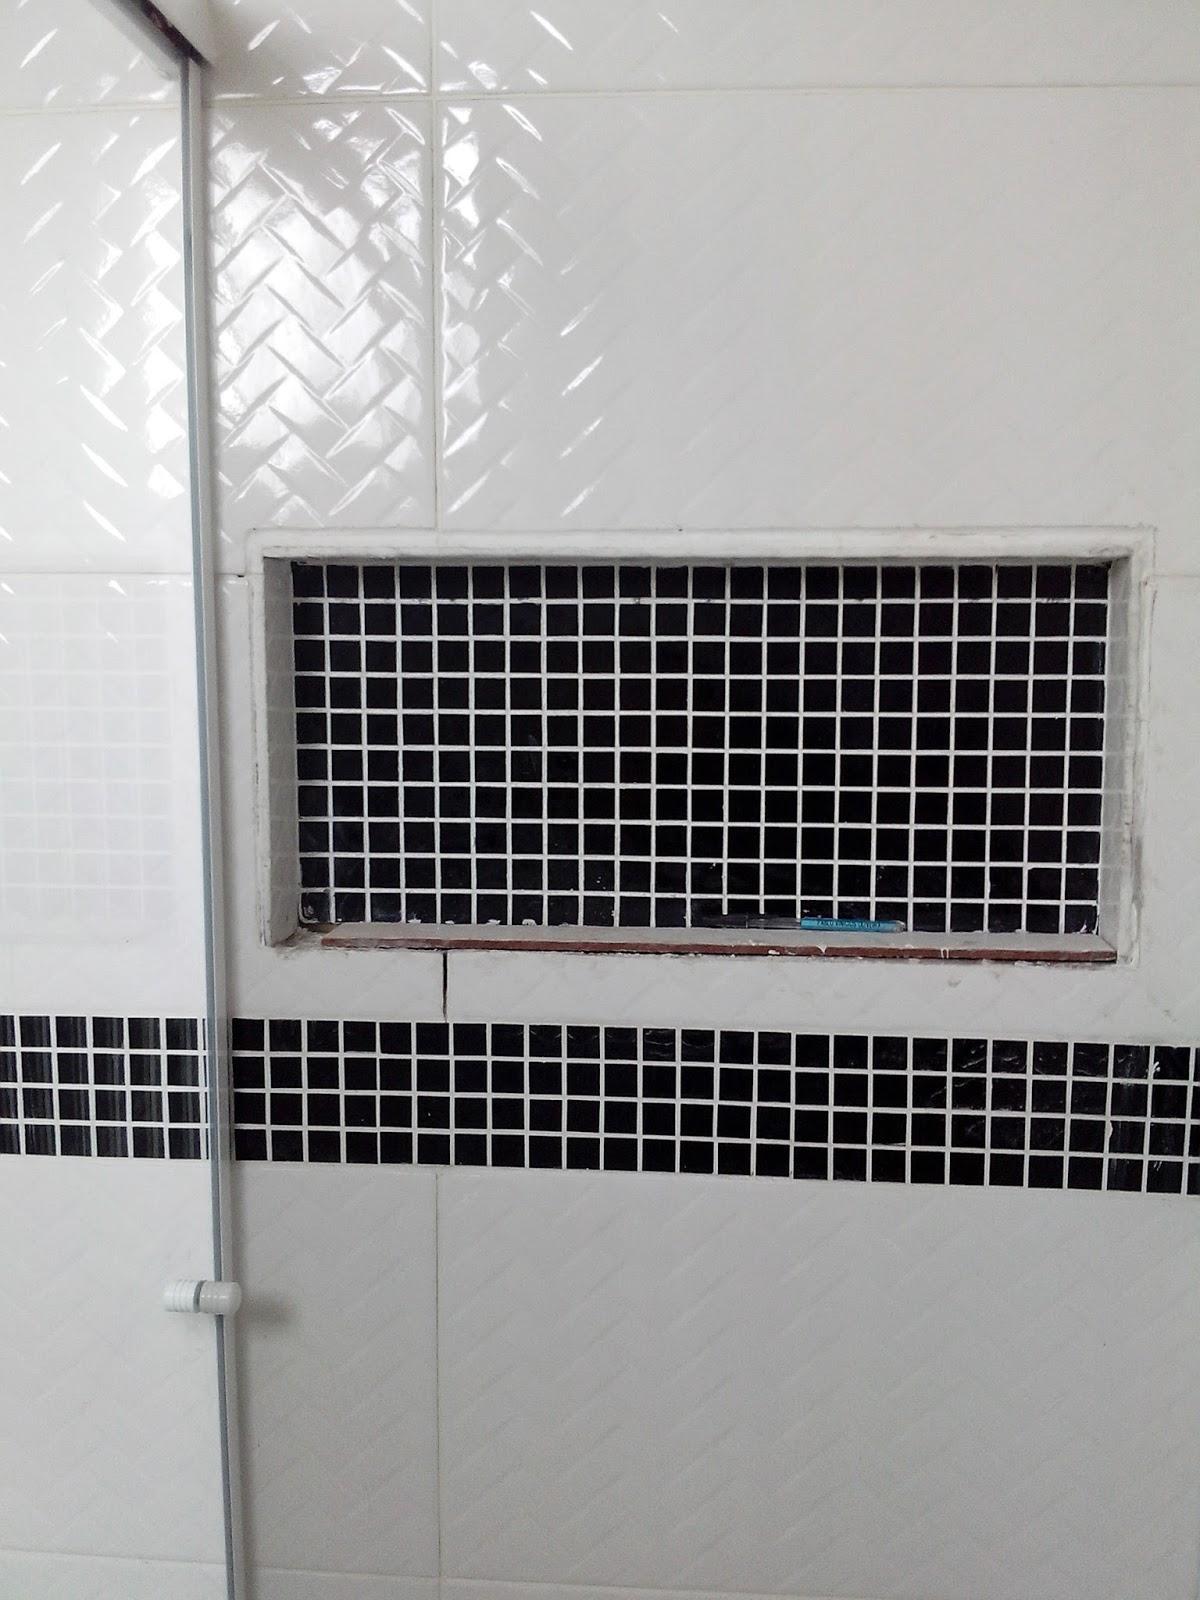 de vidro a mesma que faz parte da faixa que contorna todo o banheiro  #446776 1200 1600